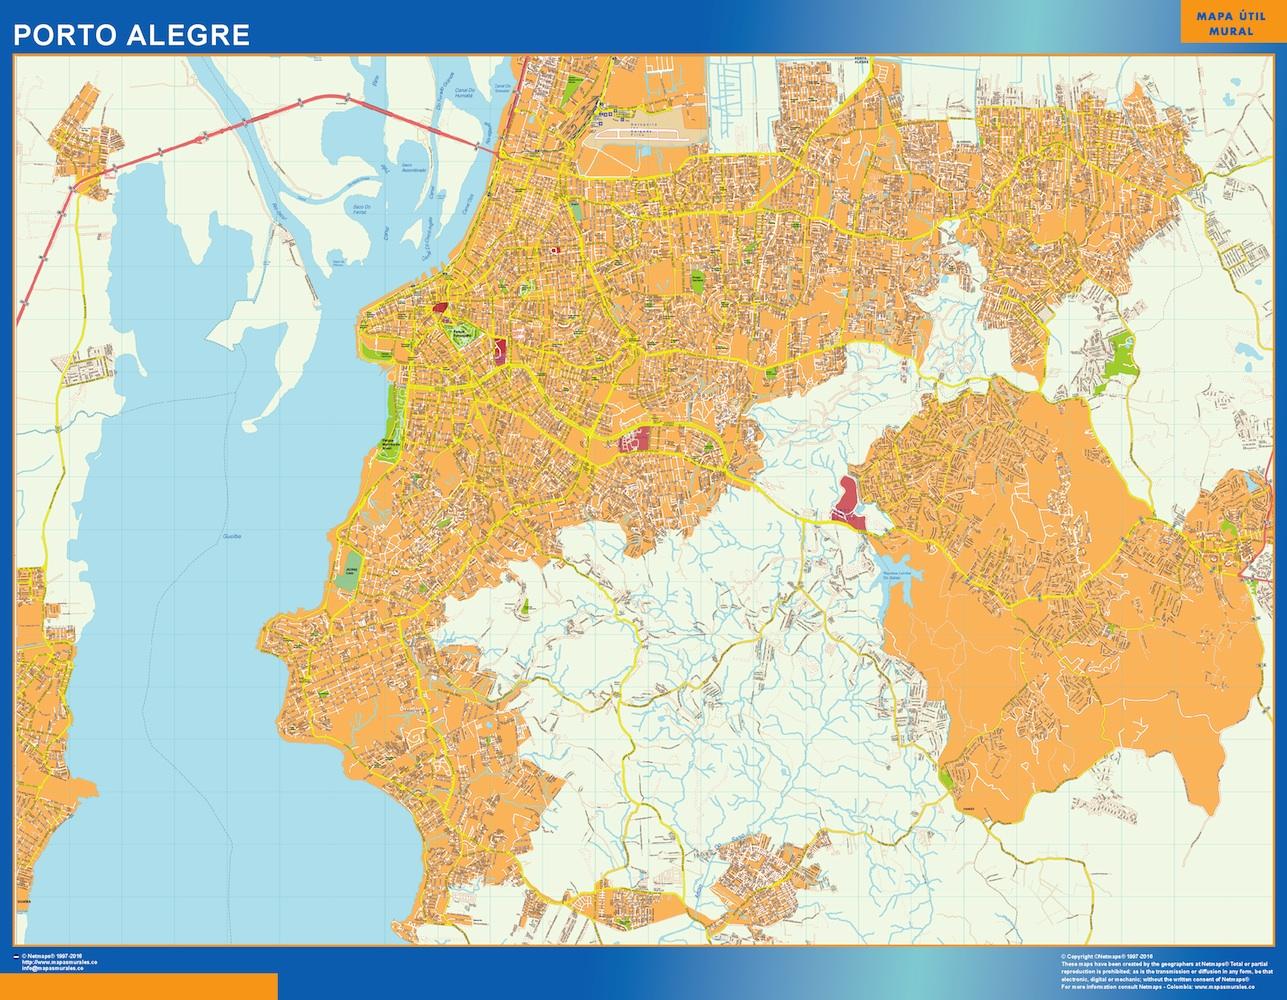 Mapa Porto Alegre Brasil plastificado gigante